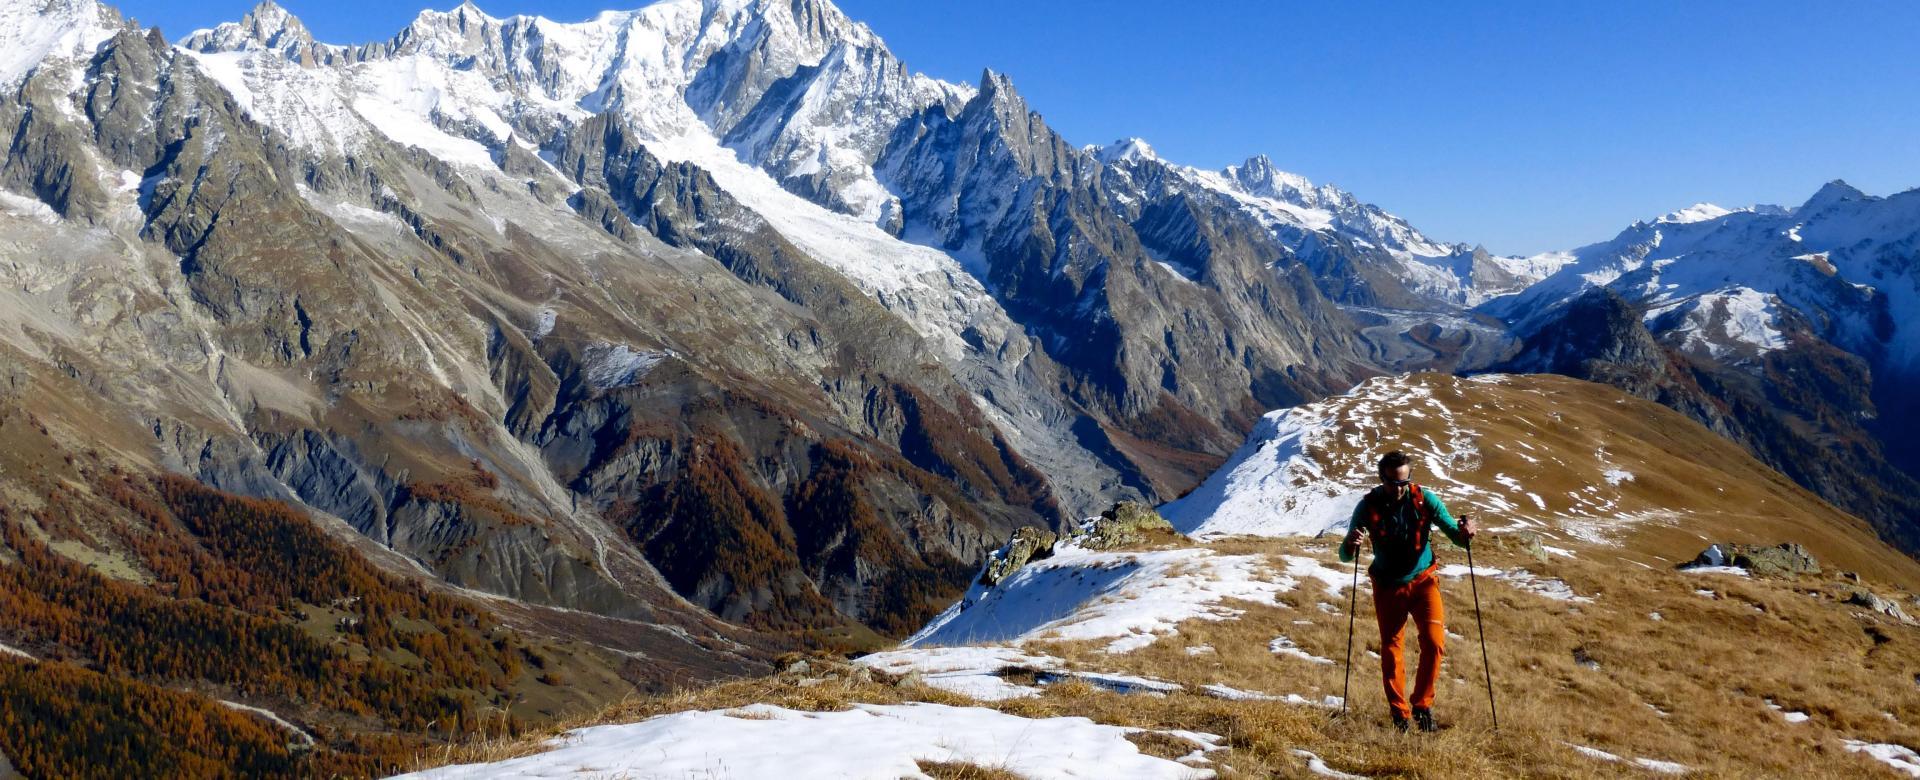 Voyage à pied France : Tour du mont-blanc d'altitude en liberté